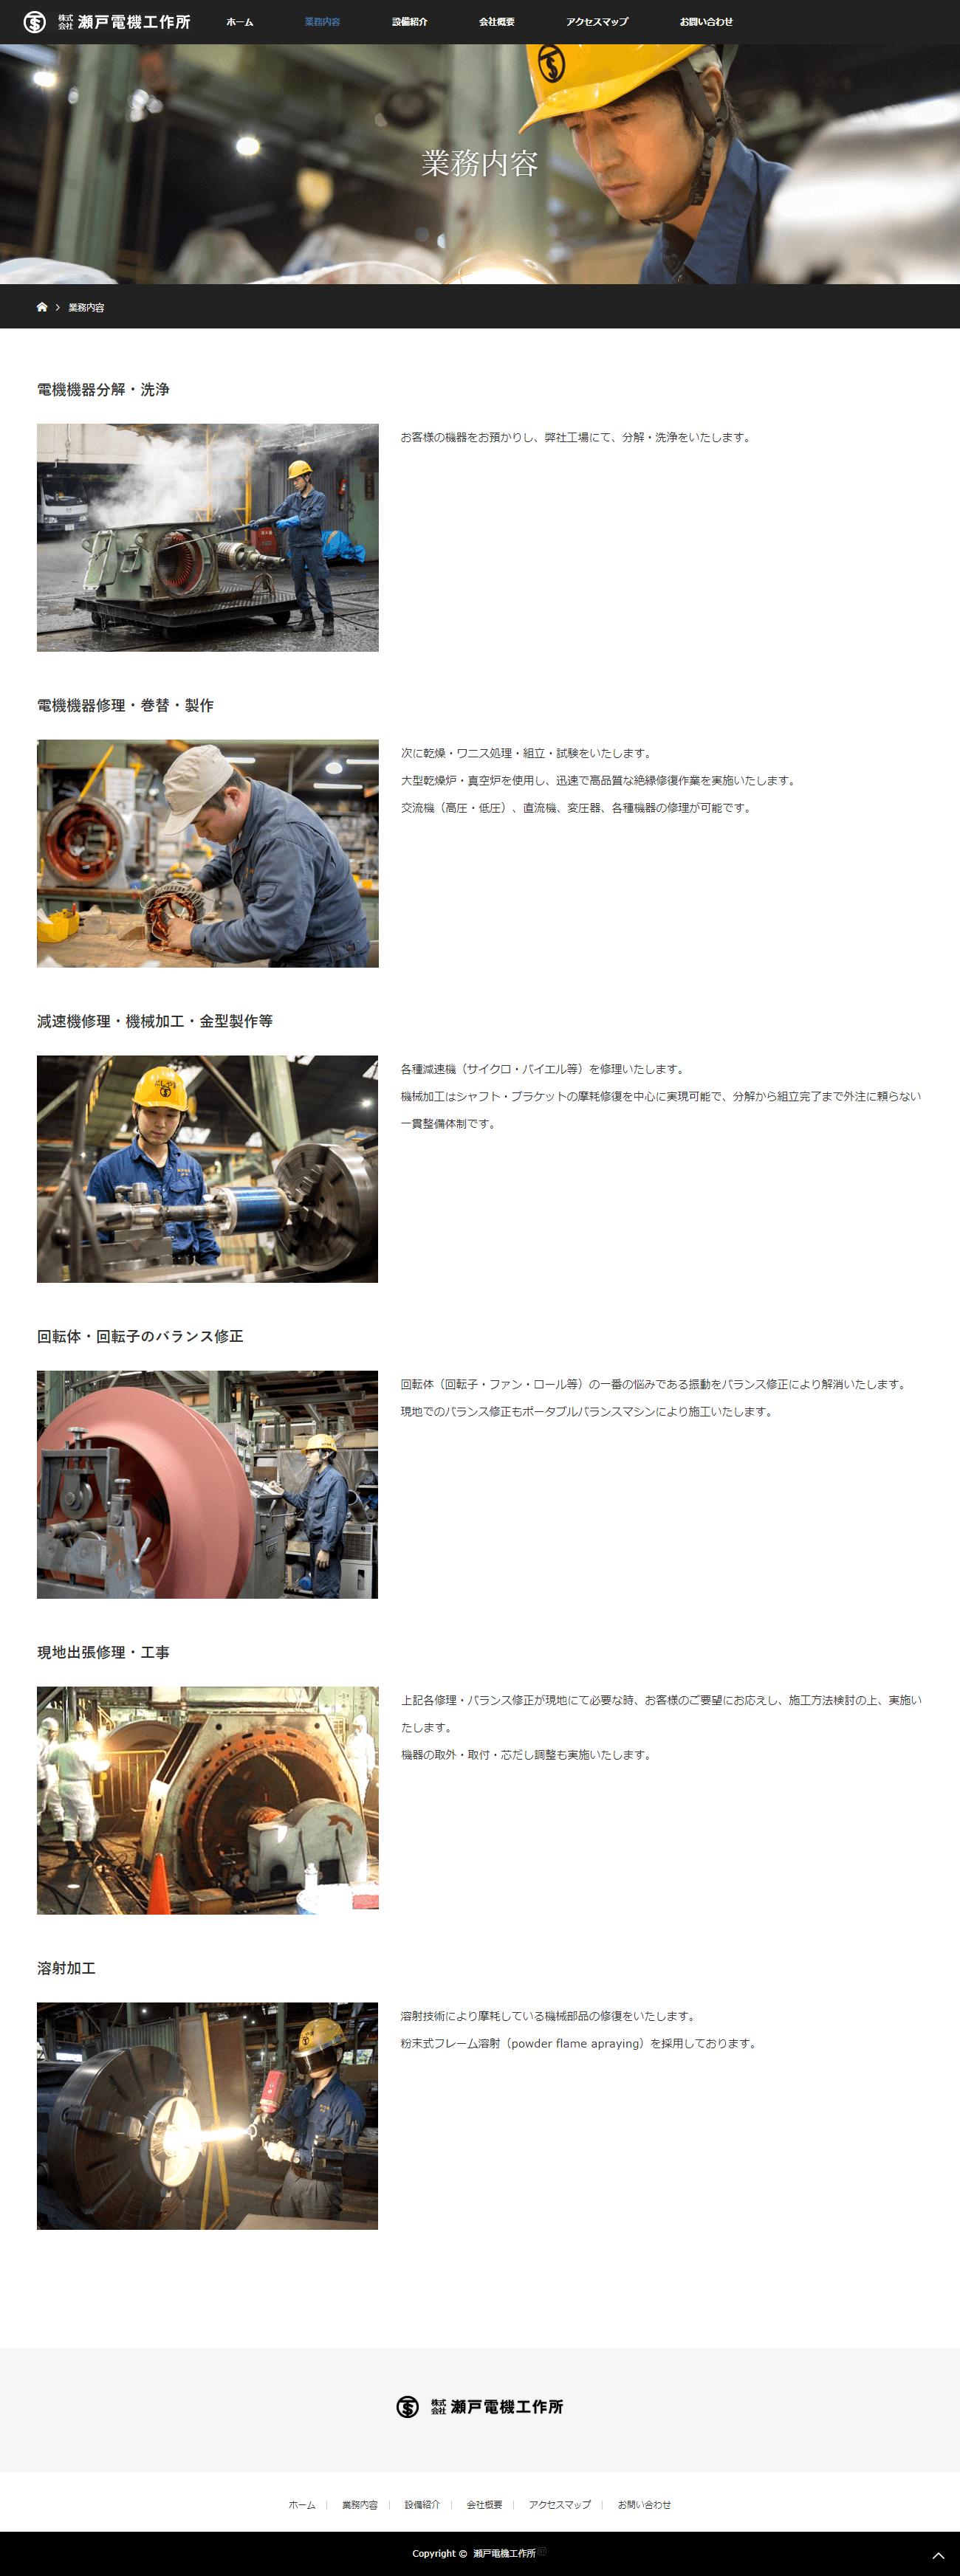 姫路市 株式会社瀬戸電機工作所様 ホームページ制作2